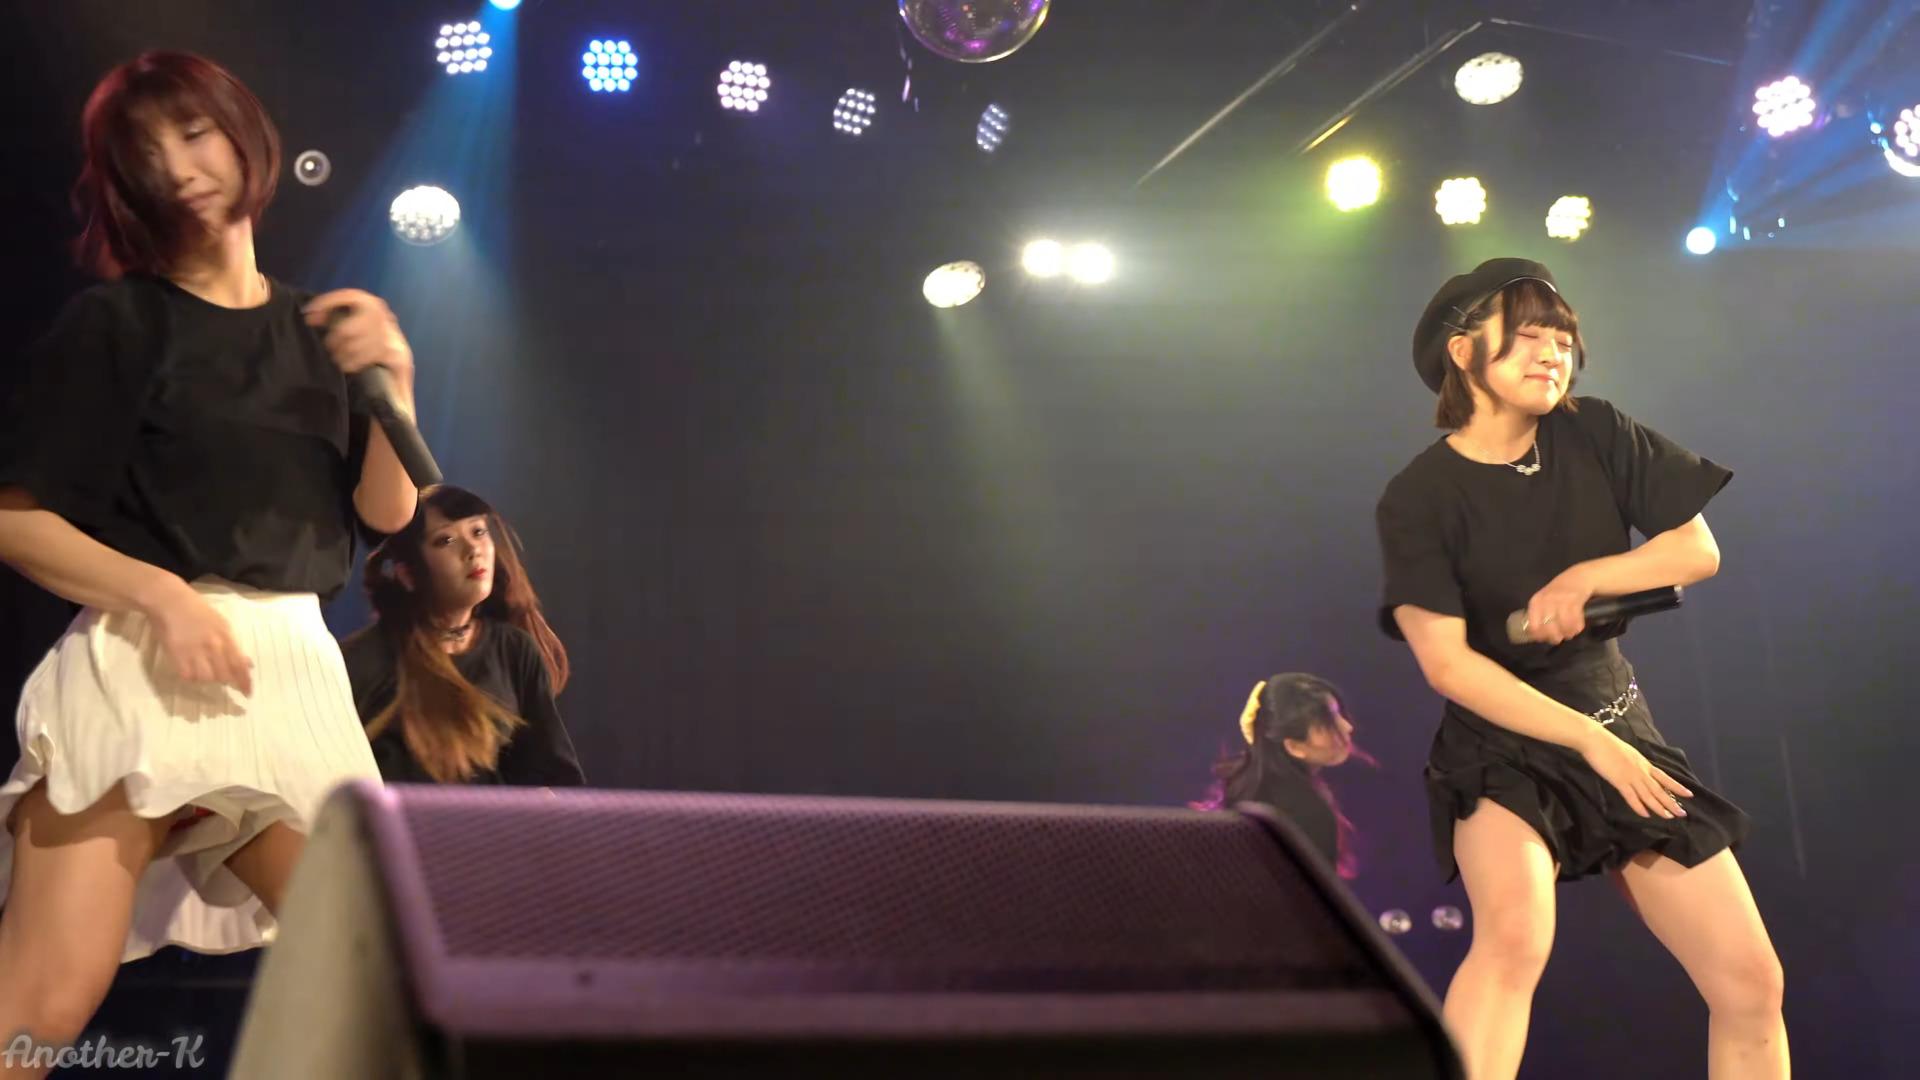 みらくる☆ふぉーぜ『EBINOMICS』/アイドルライブ【4K】 03:44